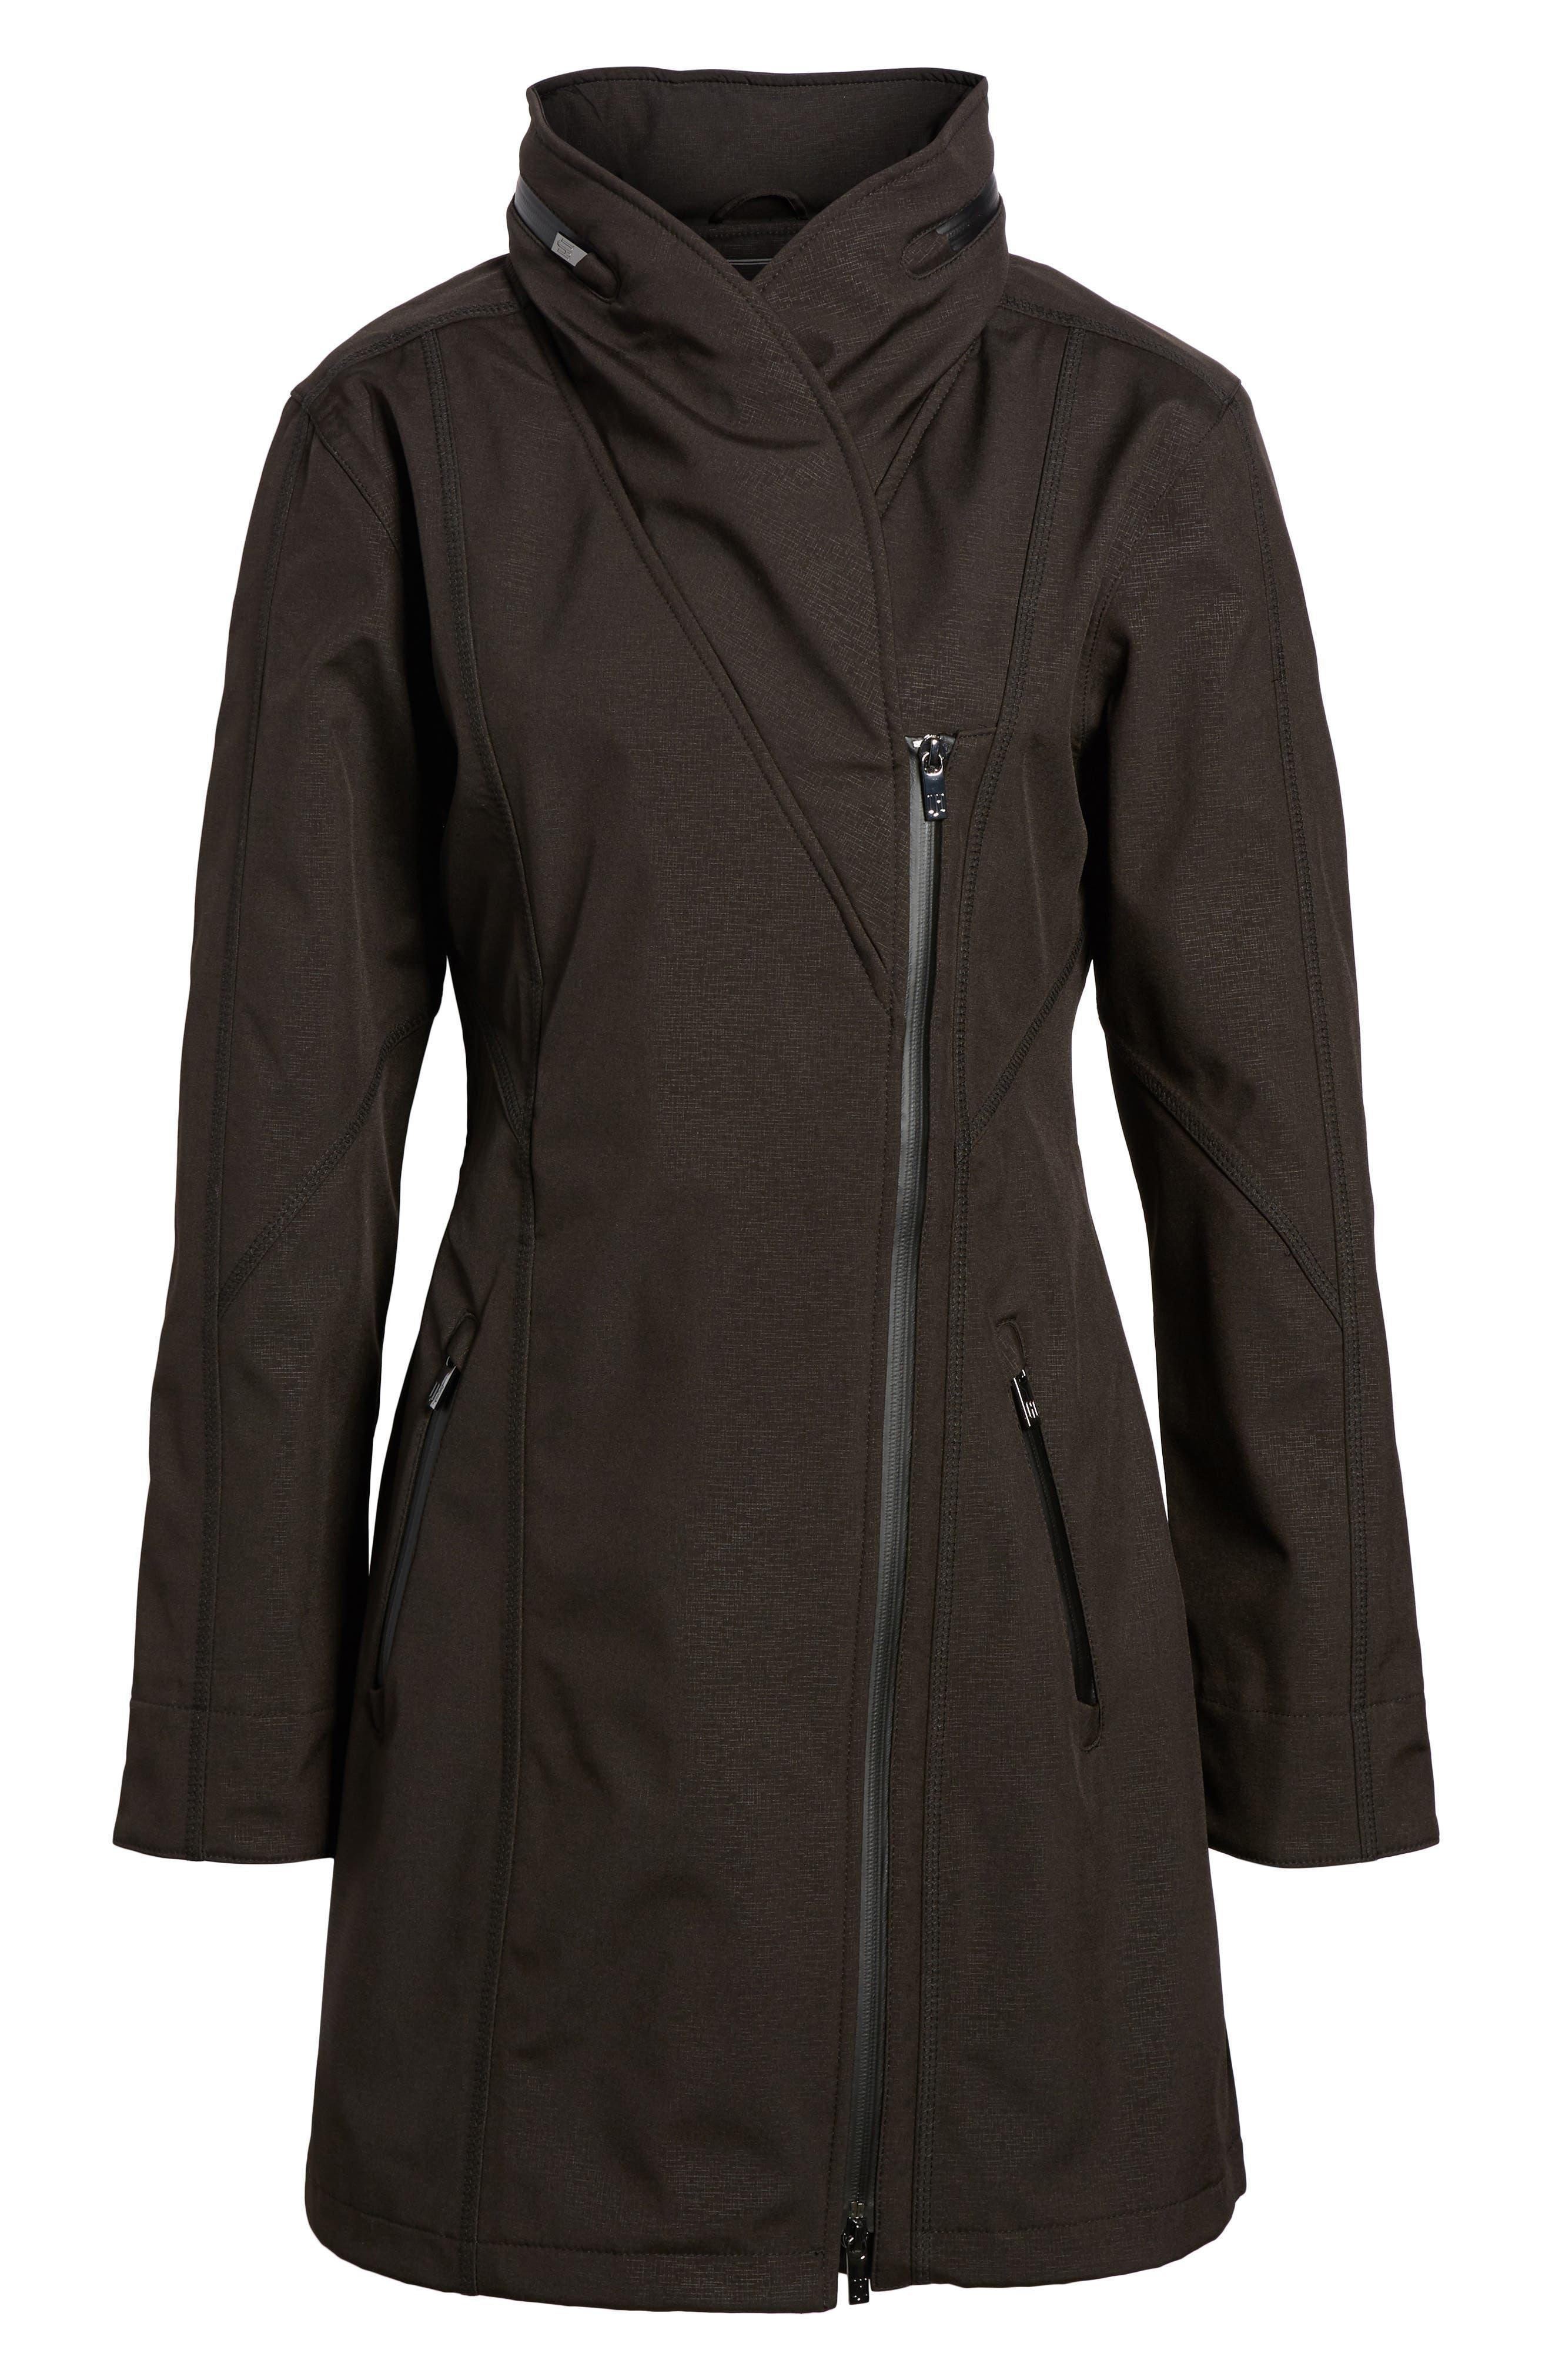 Hornbaek Soft Shell Raincoat,                             Alternate thumbnail 7, color,                             Black